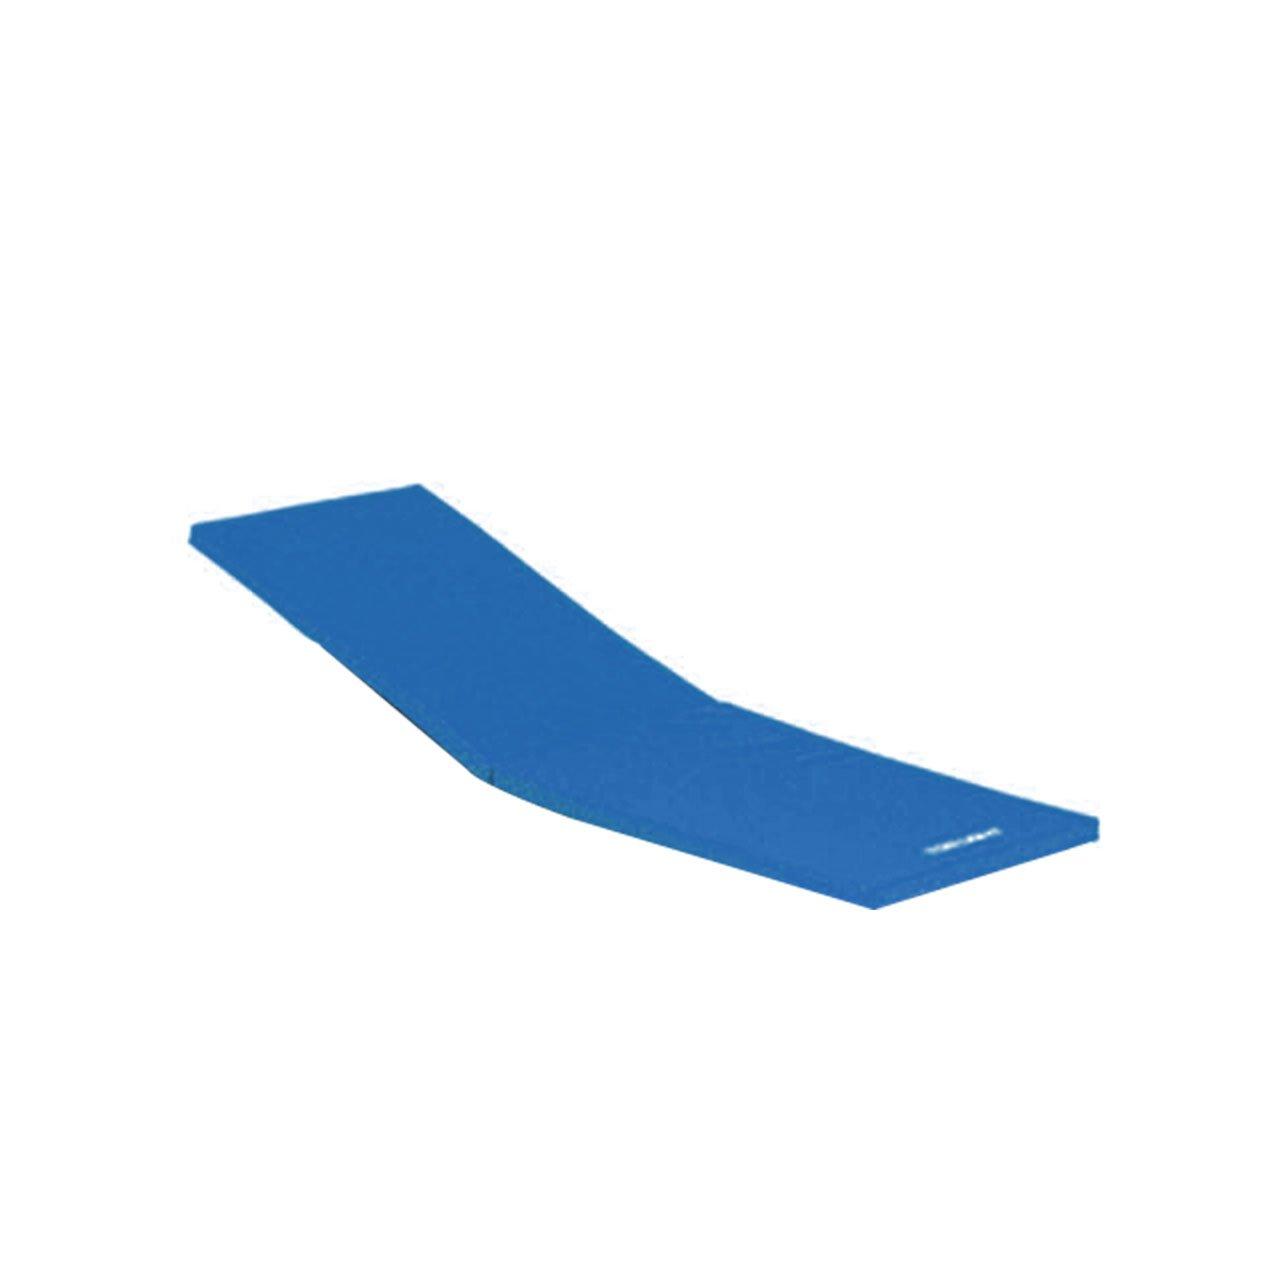 TOEI LIGHT(トーエイライト) B00TYFPKT8 フィットネスマット B00TYFPKT8 シルバー TOEI シルバー|二つ折り式 ワイド ワイド 180cm, フクオカチョウ:b82790d1 --- gamenavi.club